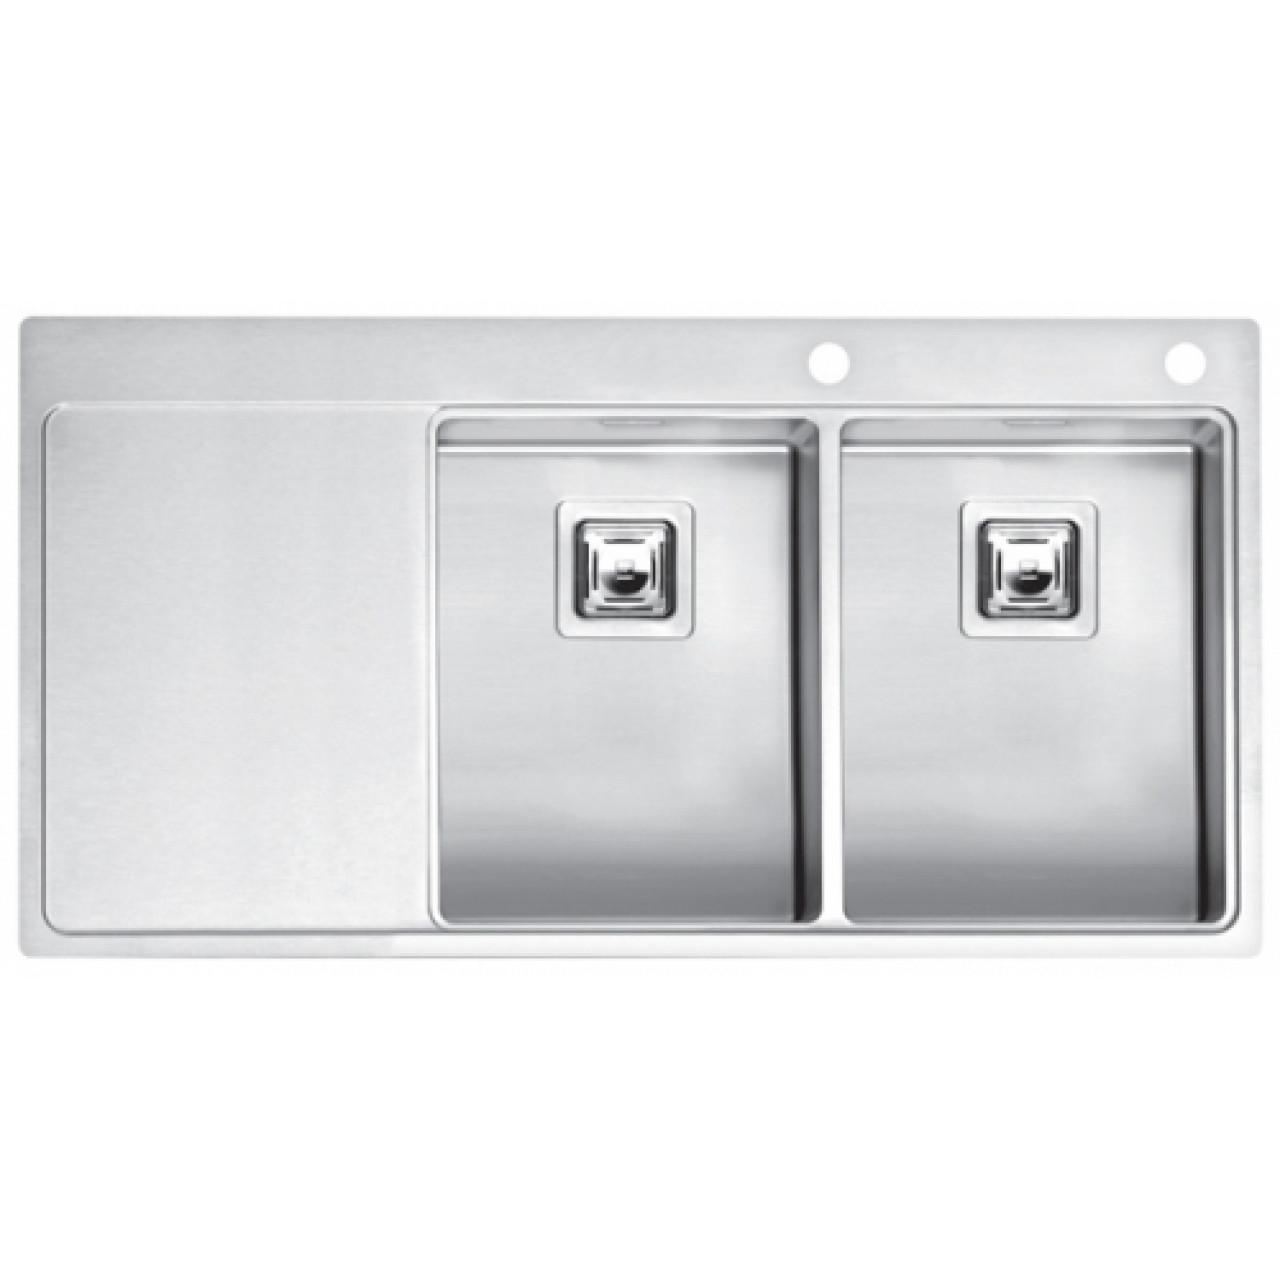 Кухонная мойка Reginox Nevada 30x30 LUX OKG Right 43110 купить в Москве по цене от 86150р. в интернет-магазине mebel-v-vannu.ru